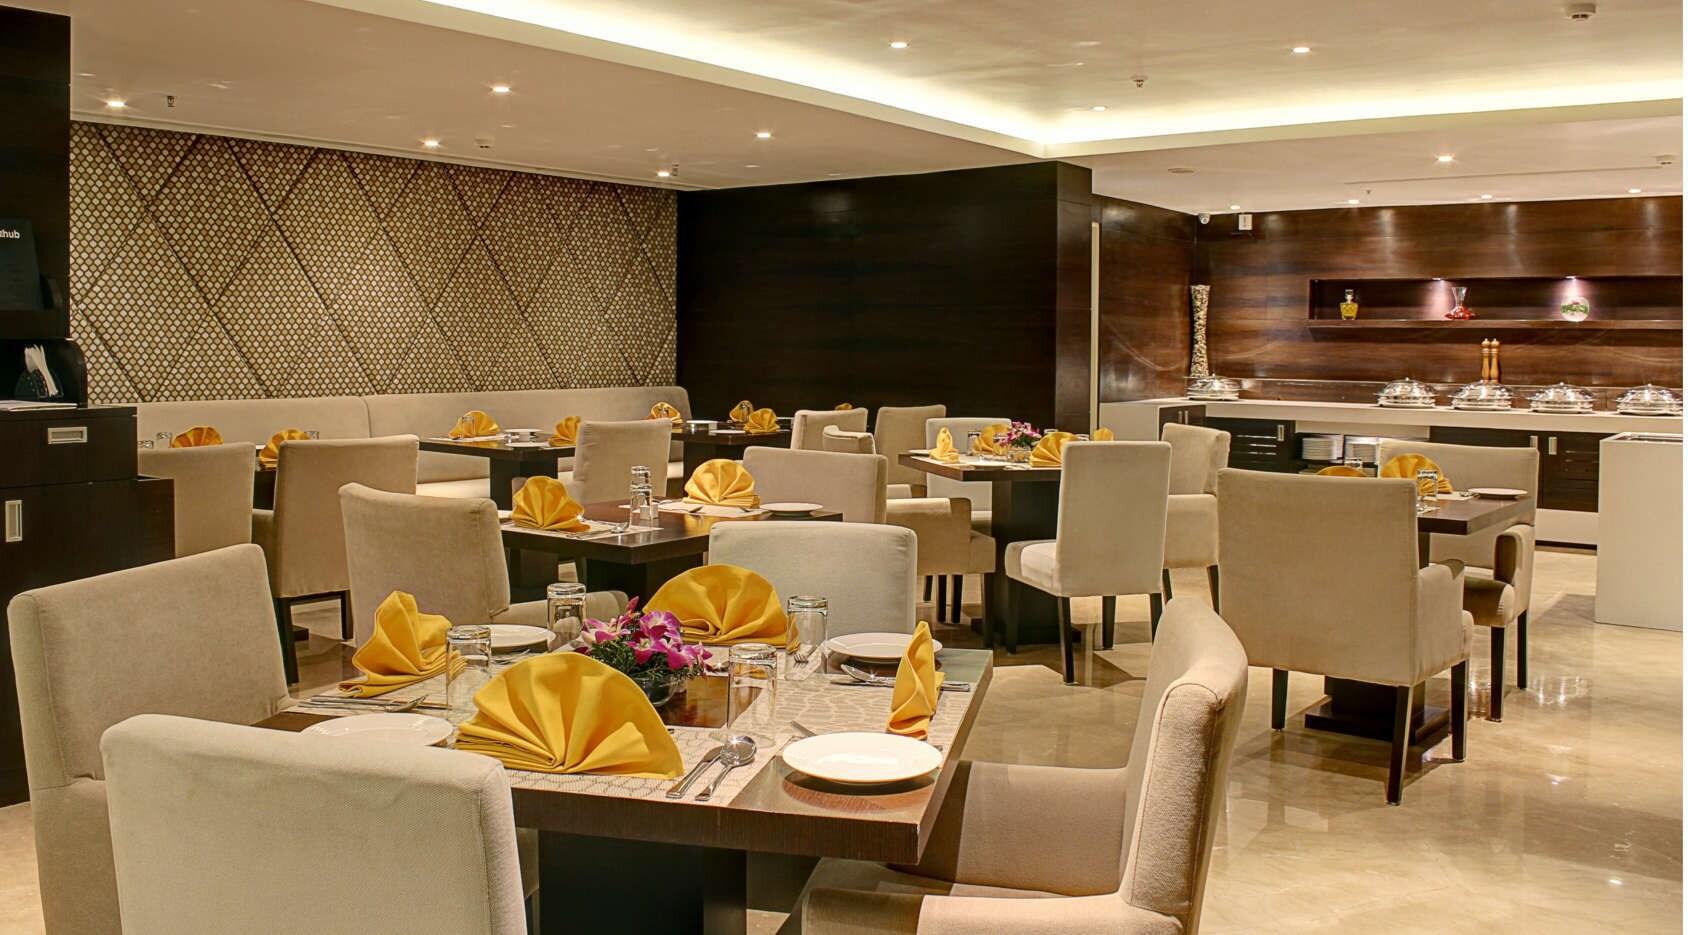 The Hub & Bar Ramada Encore - Domlur - Bangalore Image